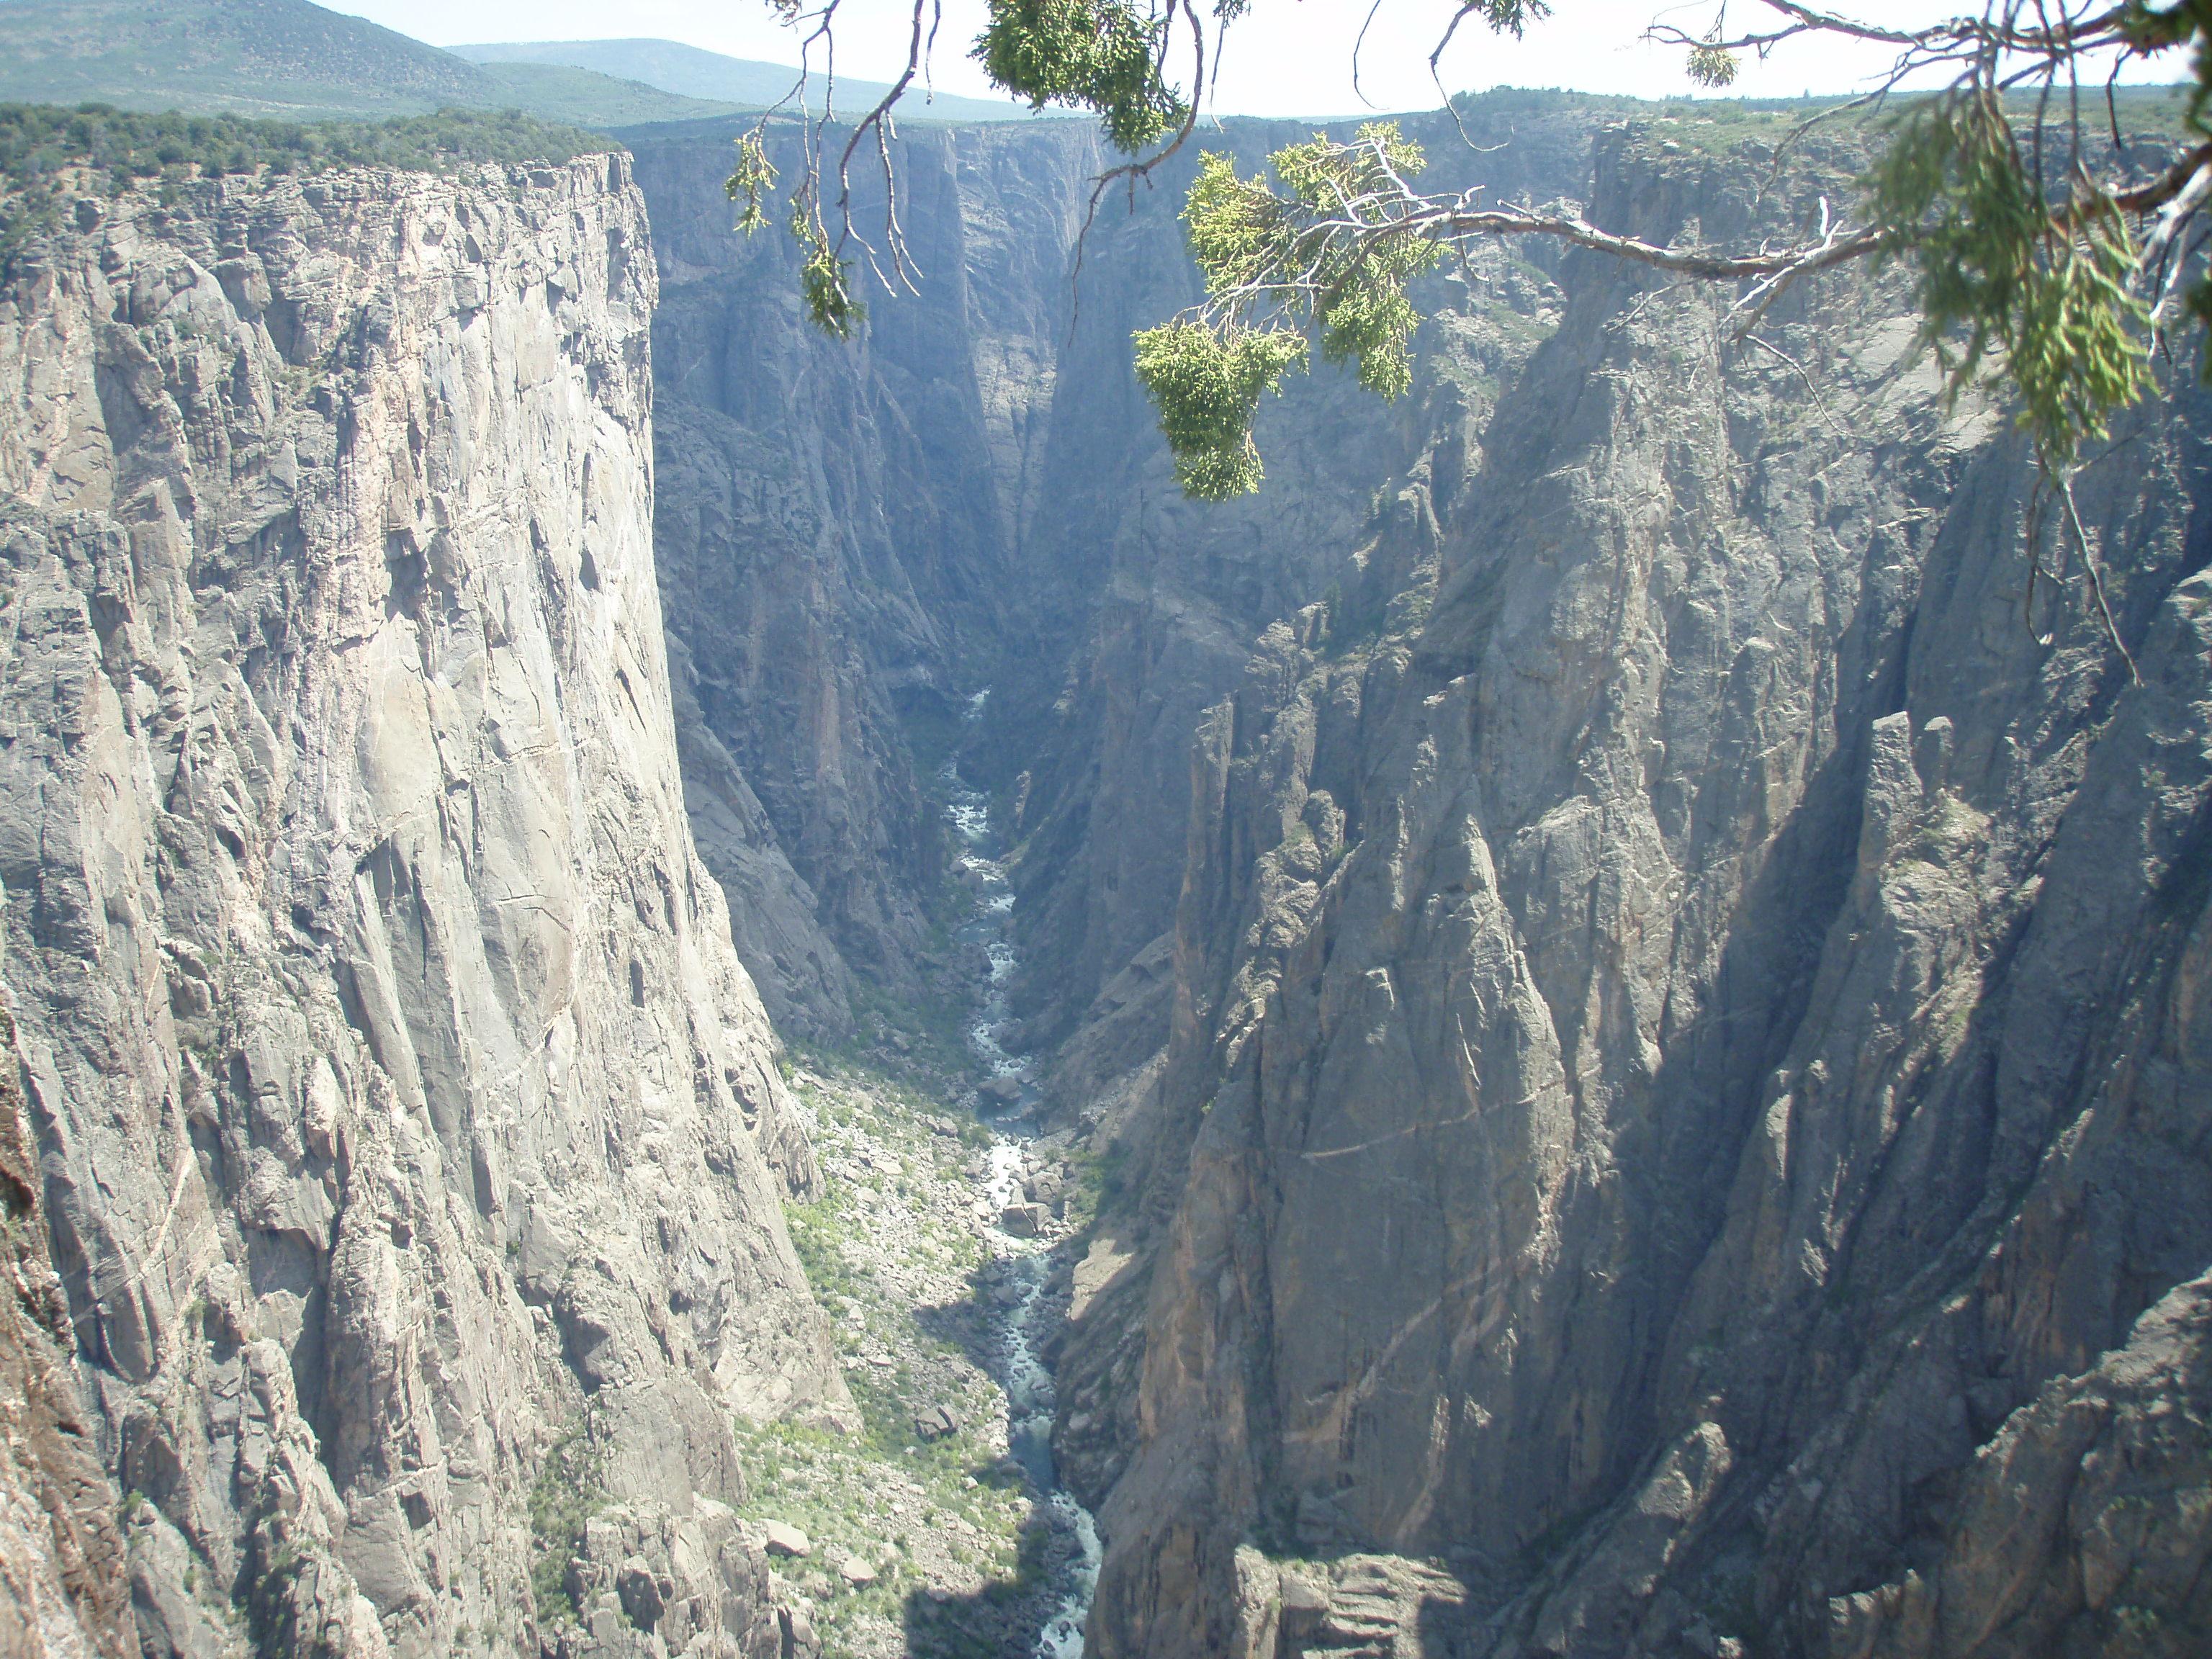 Water runs through the deep canyon